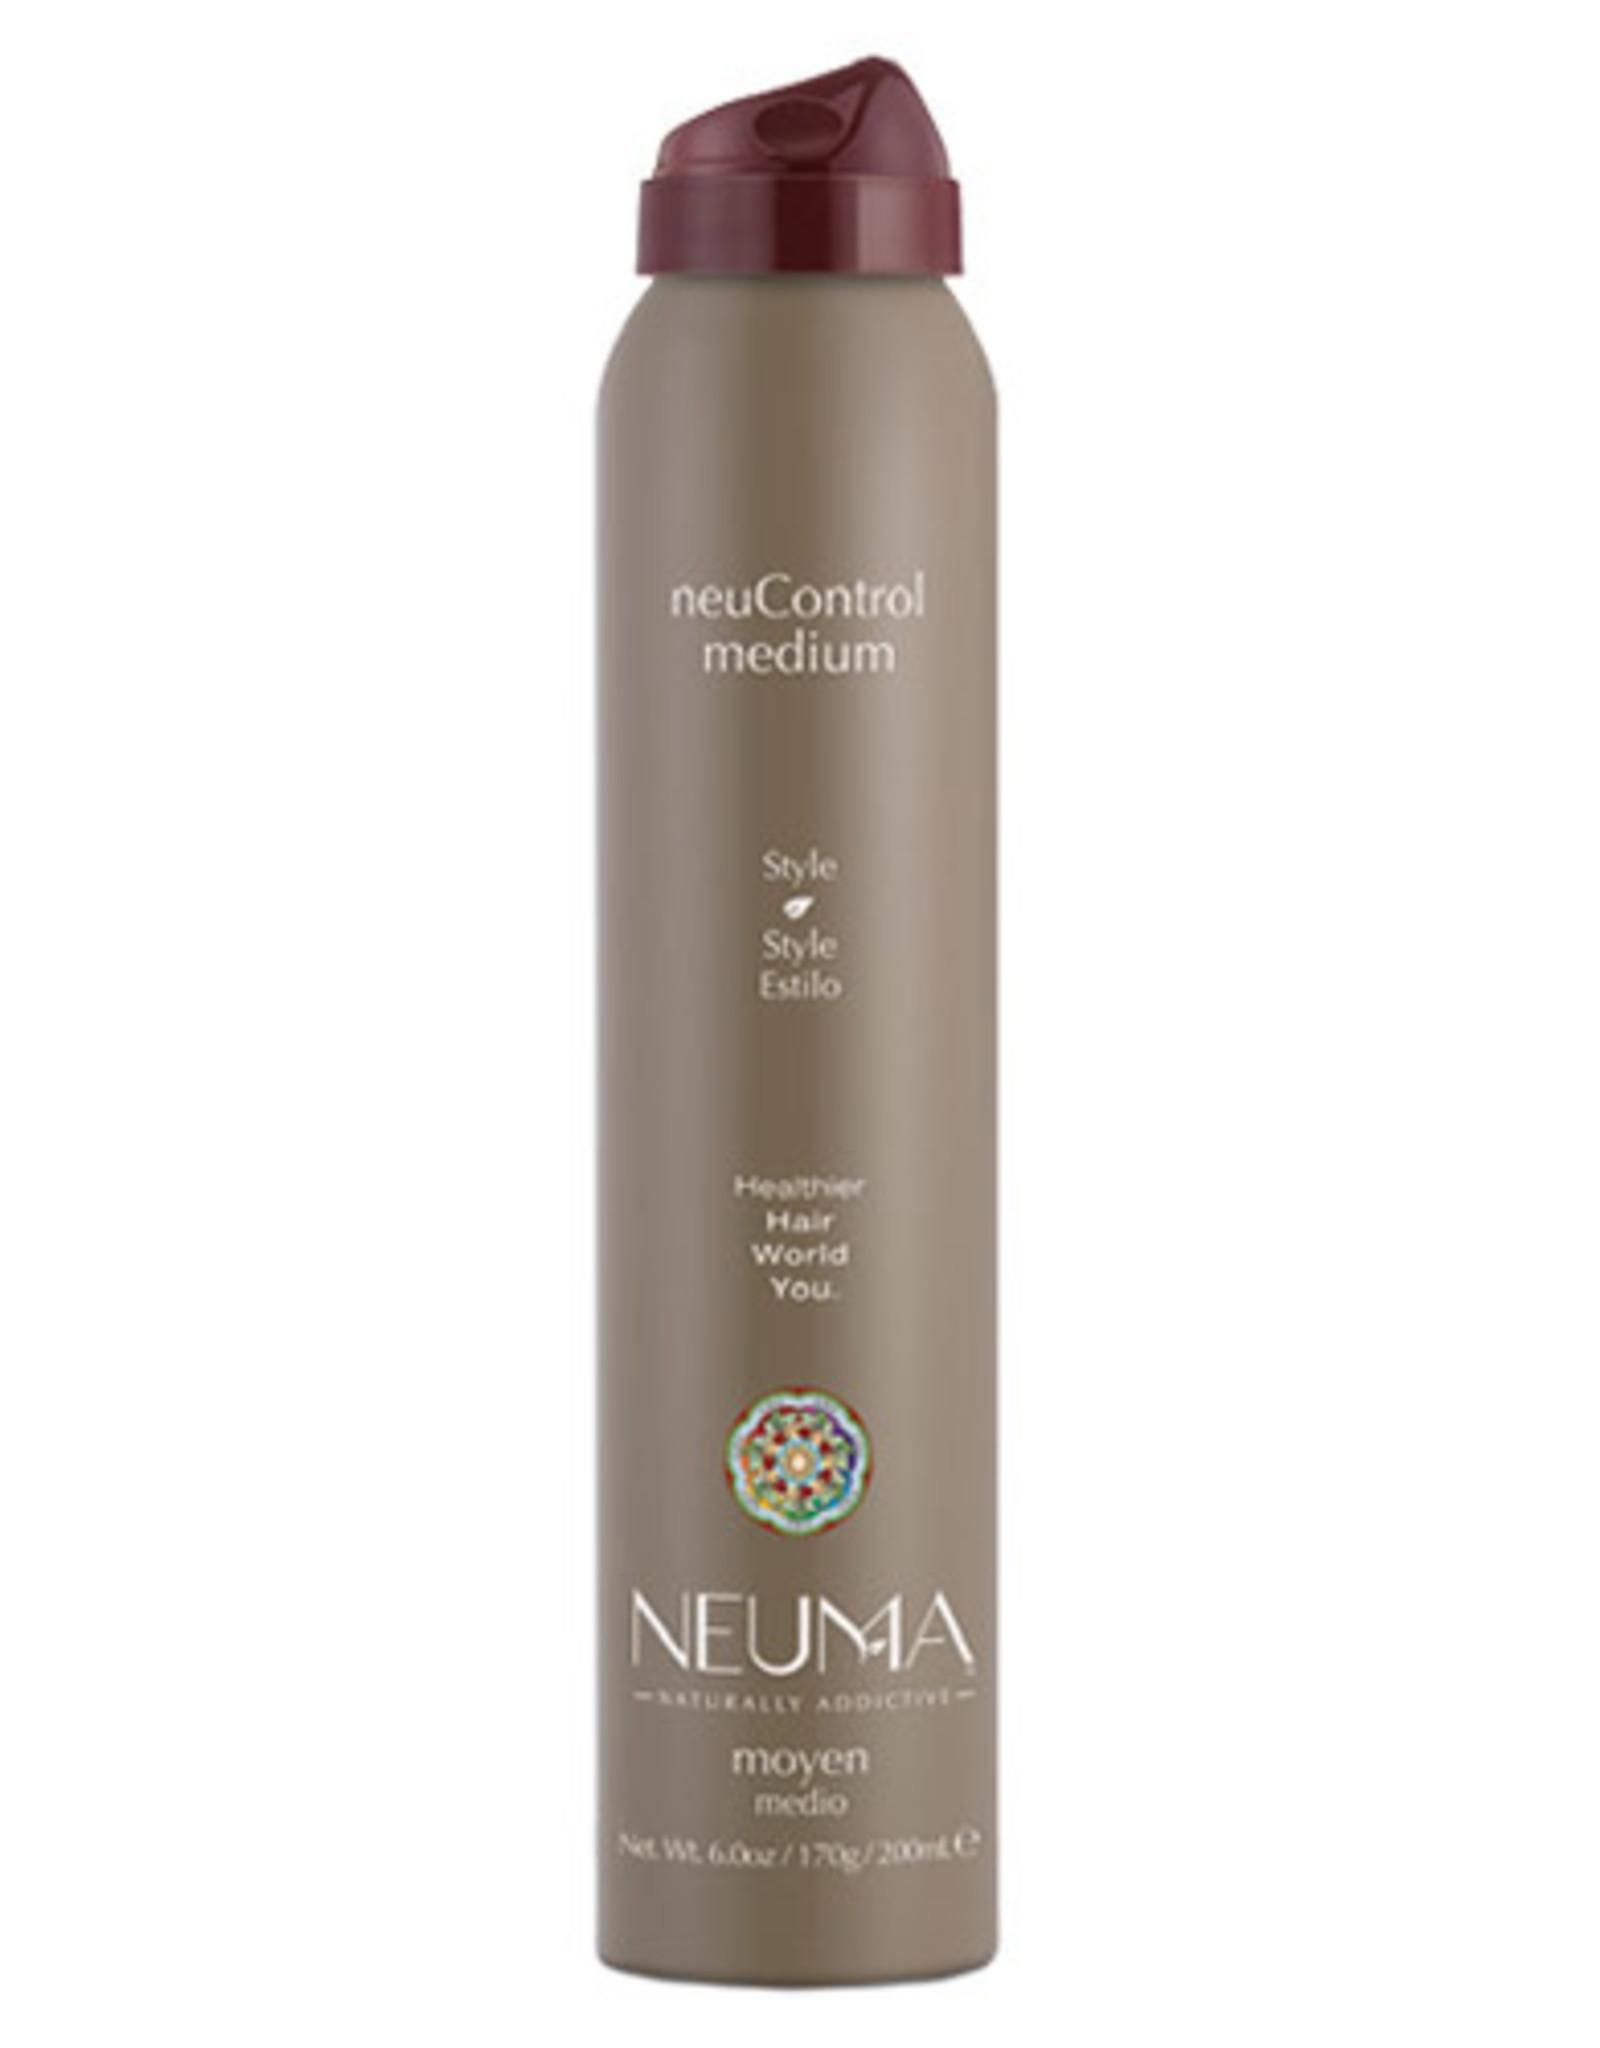 Neuma neuControl Medium Hairspray